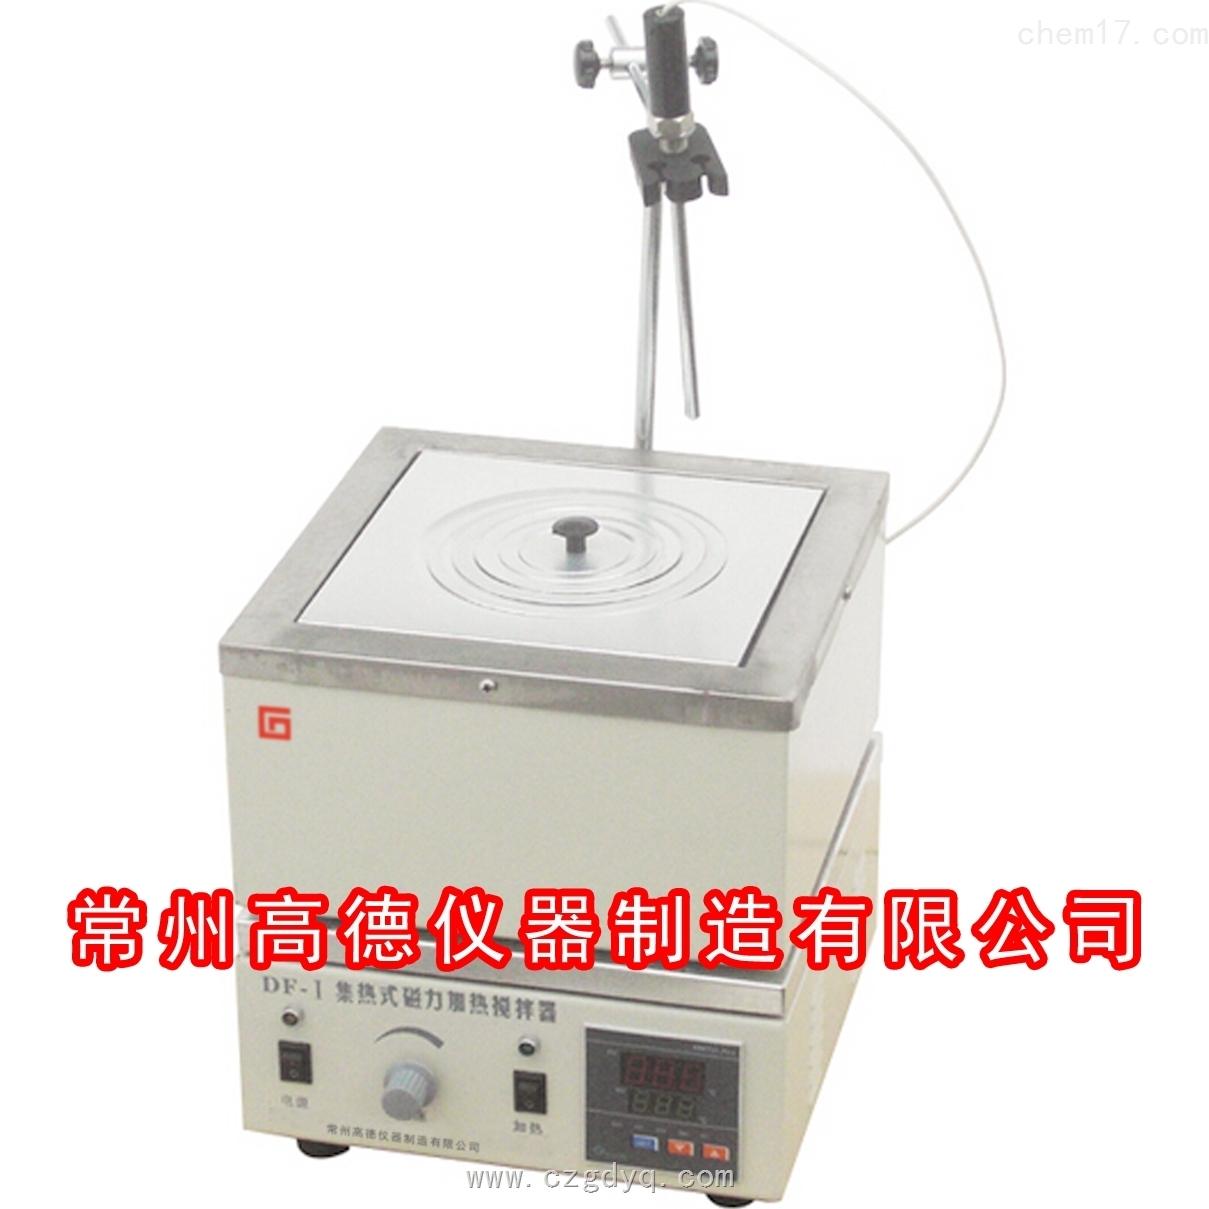 方型恒温磁力搅拌器